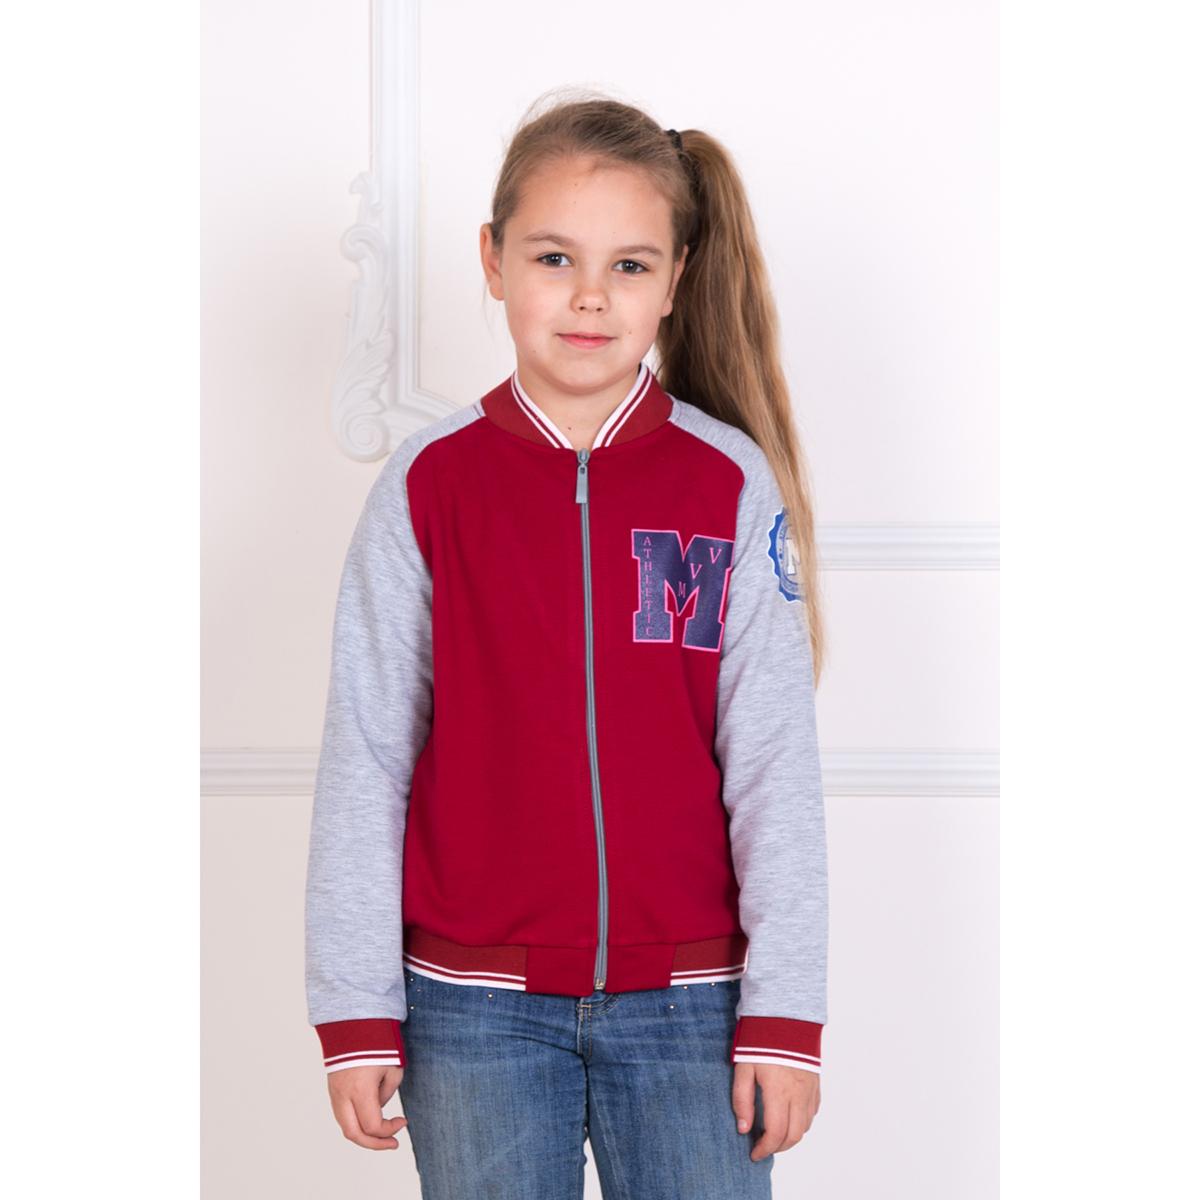 Детская толстовка Бомбер Красный, размер 28Толстовки, джемпера и рубашки<br><br><br>Тип: Дет. толстовка<br>Размер: 28<br>Материал: Футер